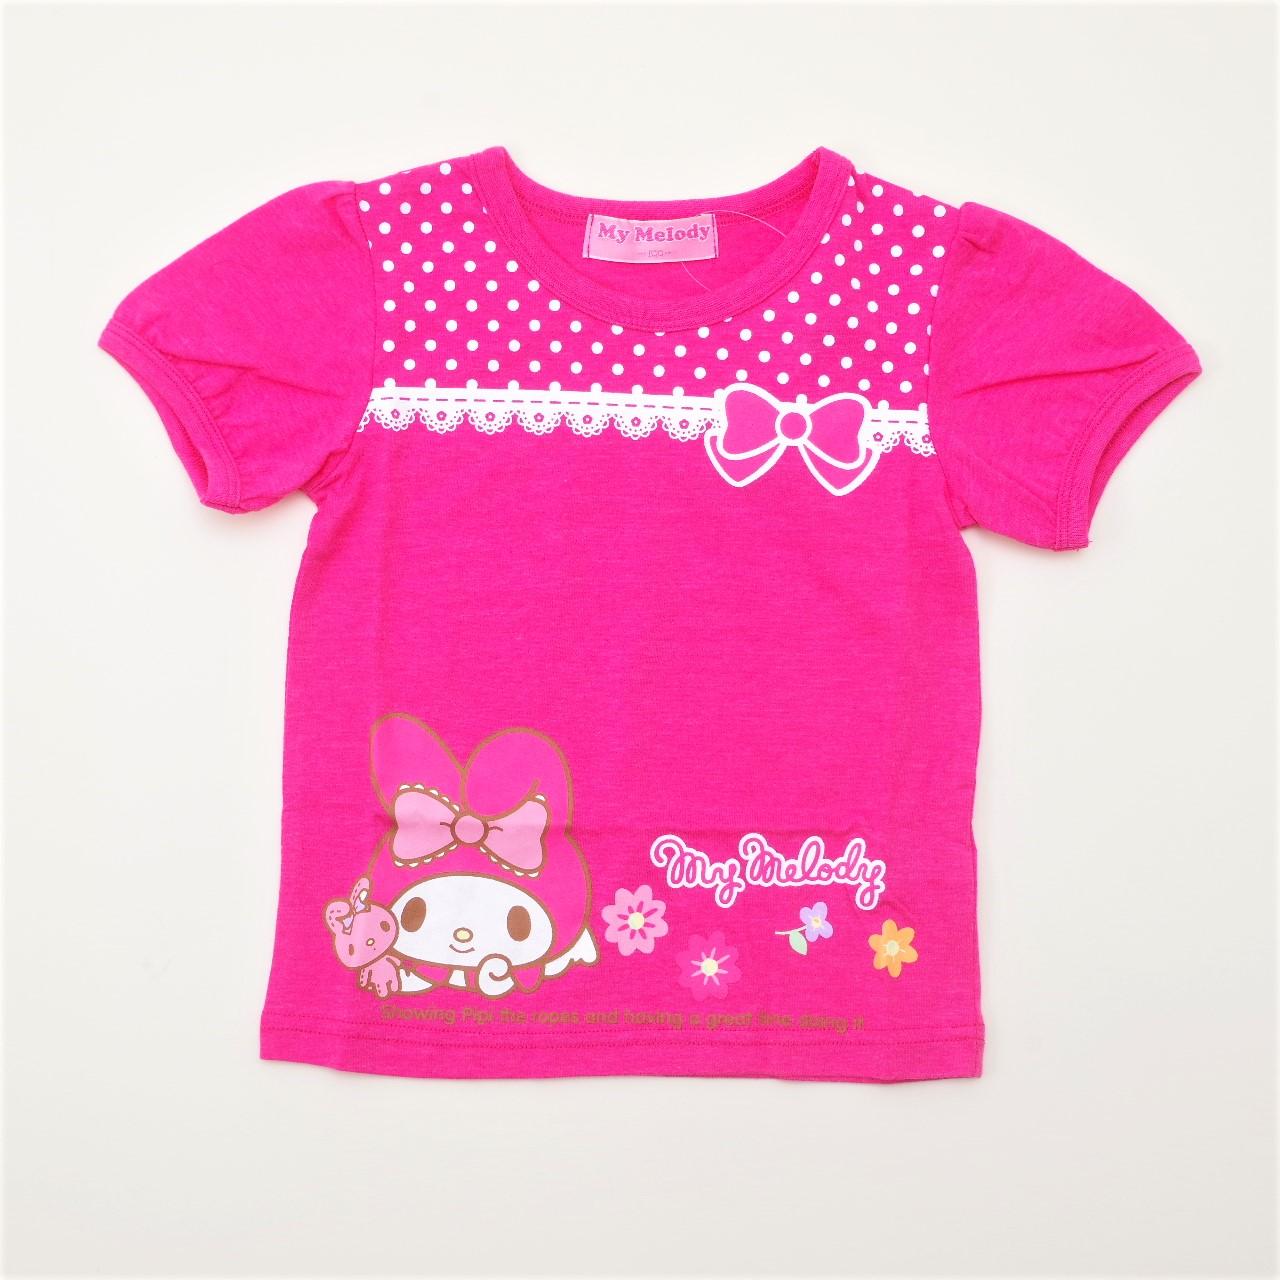 サンリオマイメロディ 半袖Tシャツ 100cm-130cm (942MM0031)